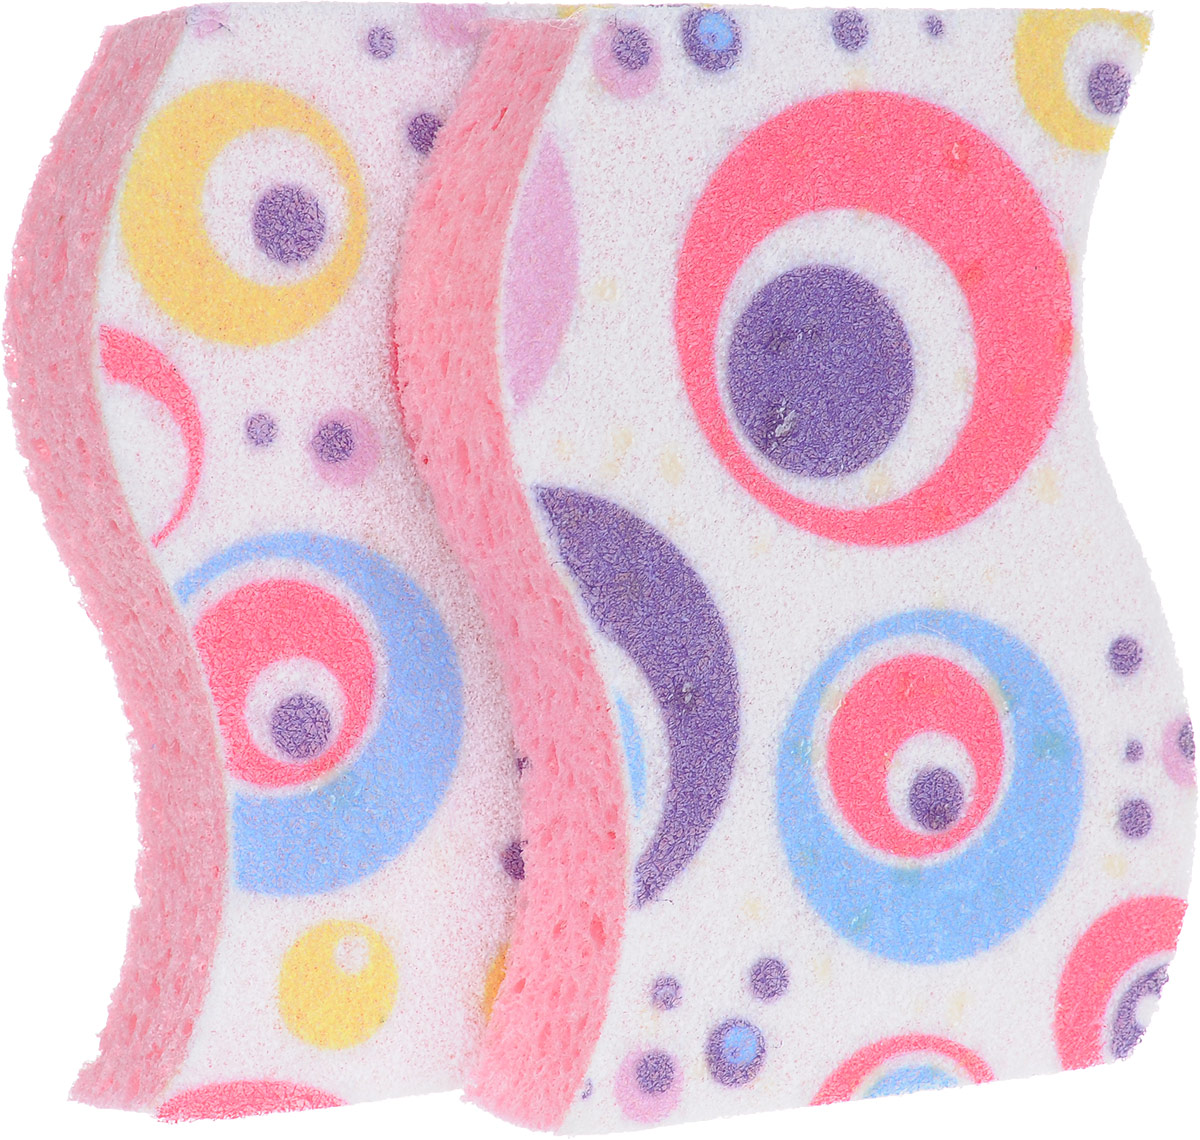 Набор губок Rozenbal, для ванной, цвет: розовый, фиолетовый, белый, 2 шт